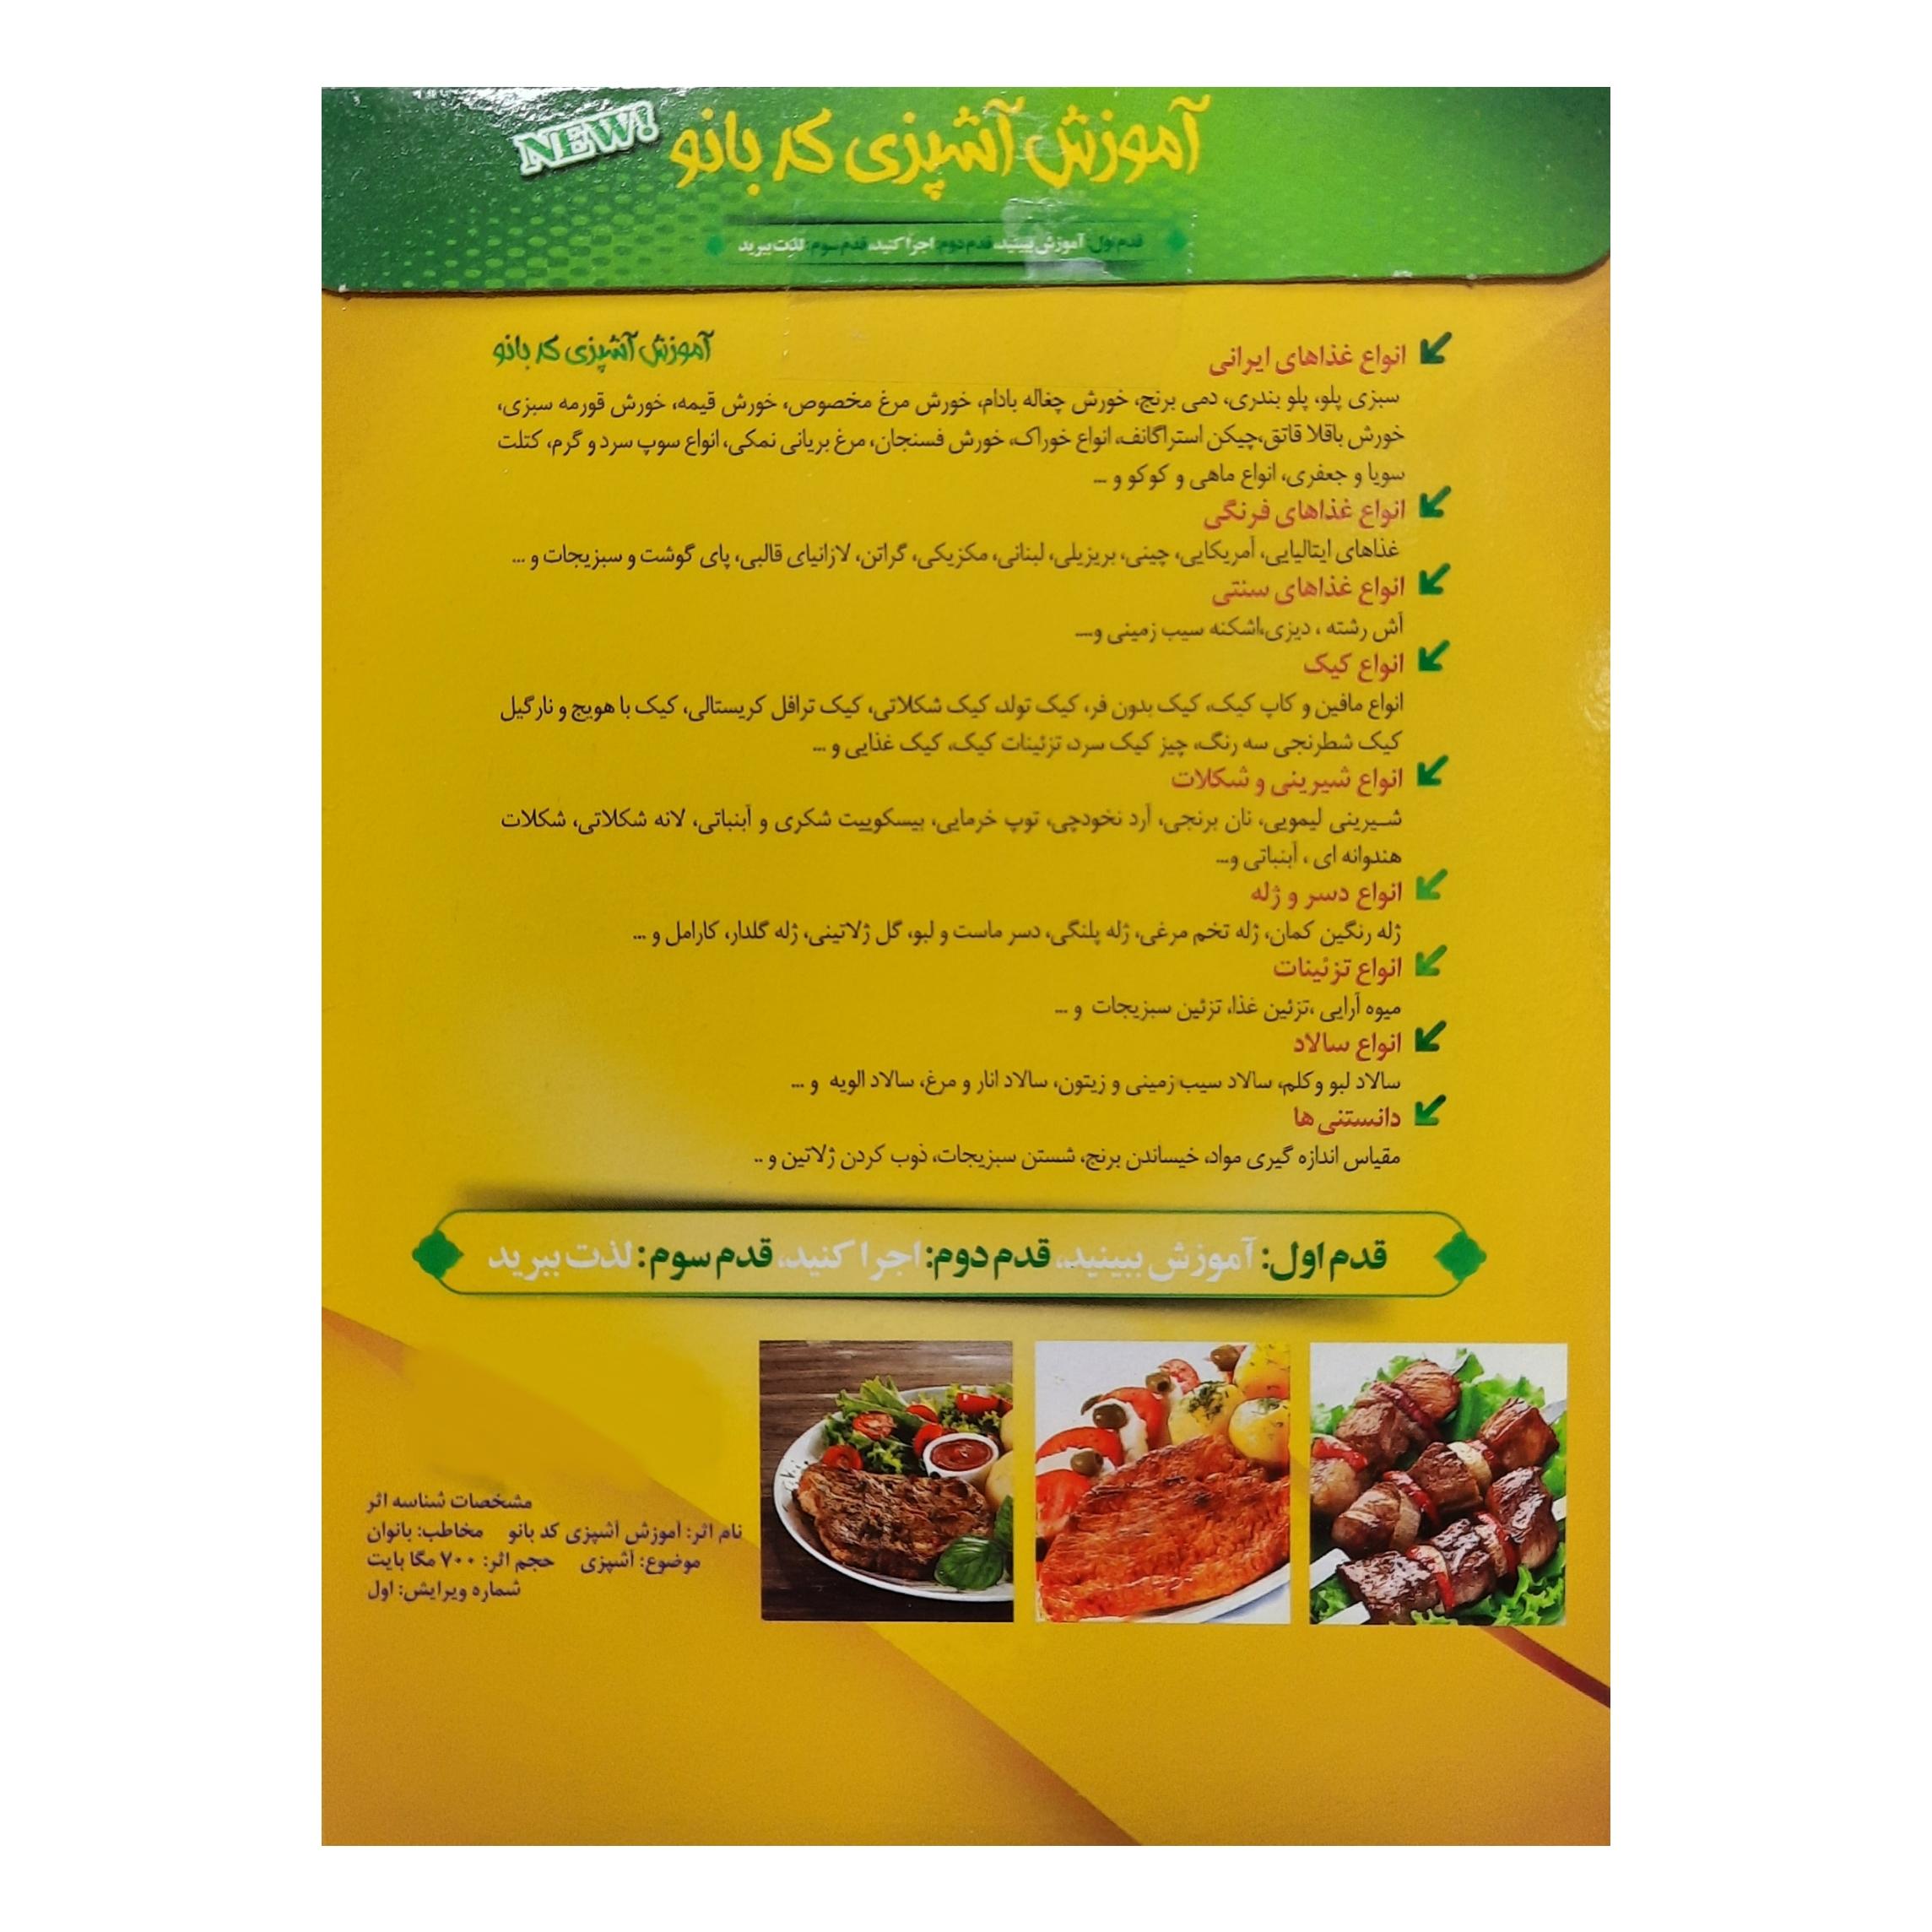 آموزش آشپزی کدبانو نشر کدبانو